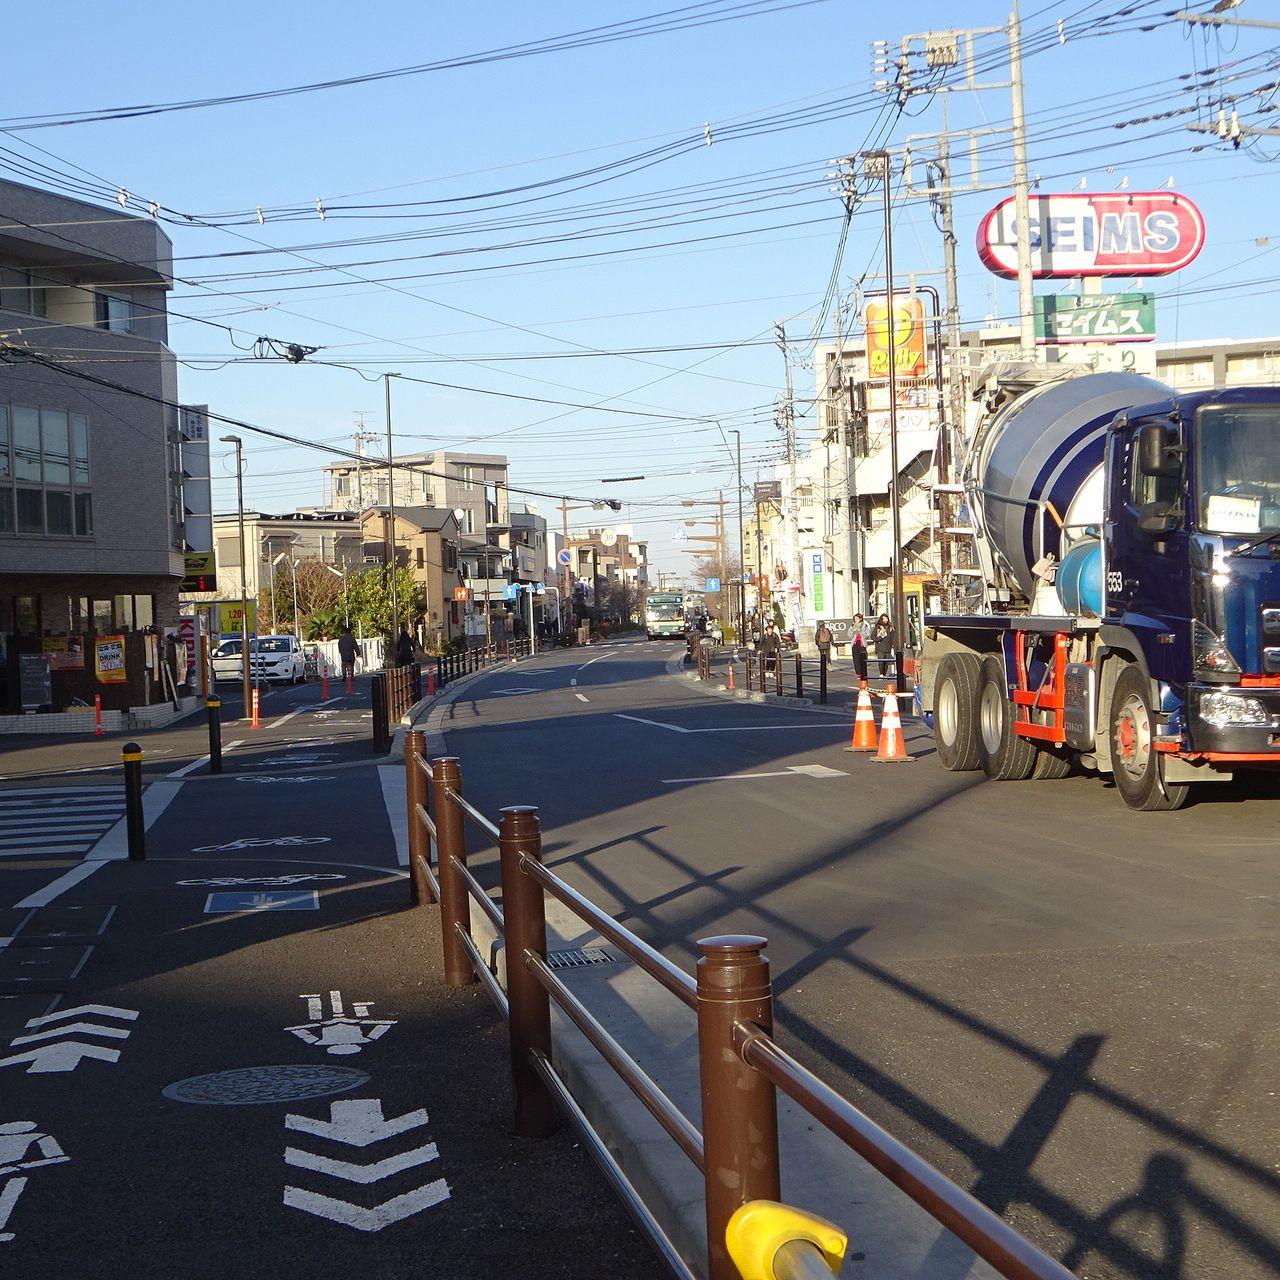 通行の出来る以前からのバス通り